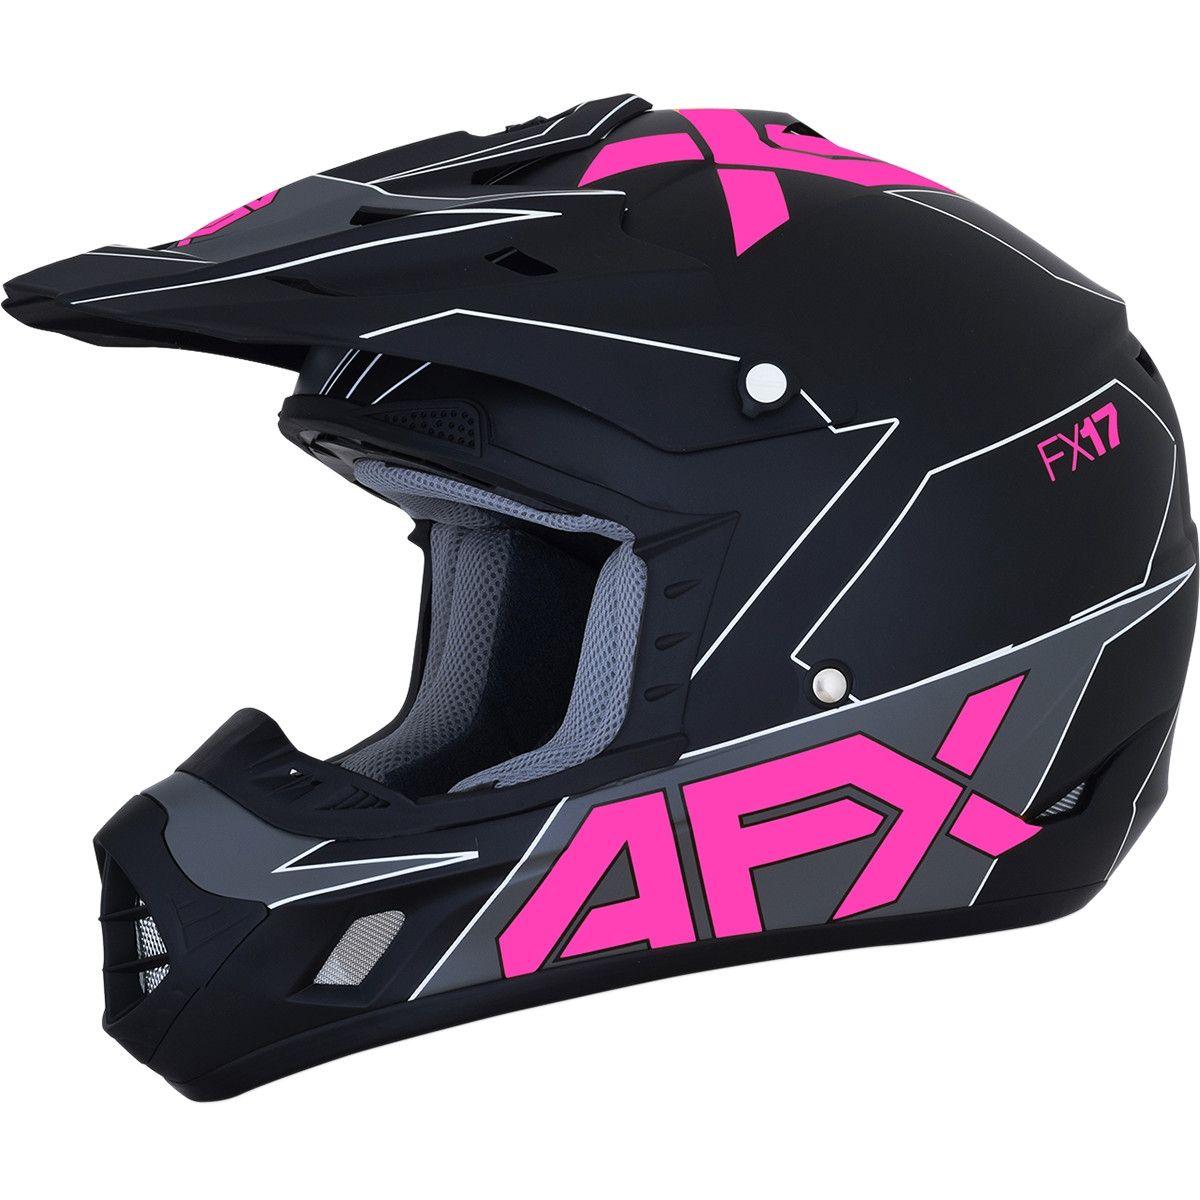 AFX Crosshelm FX-17 Matte Black/Pink